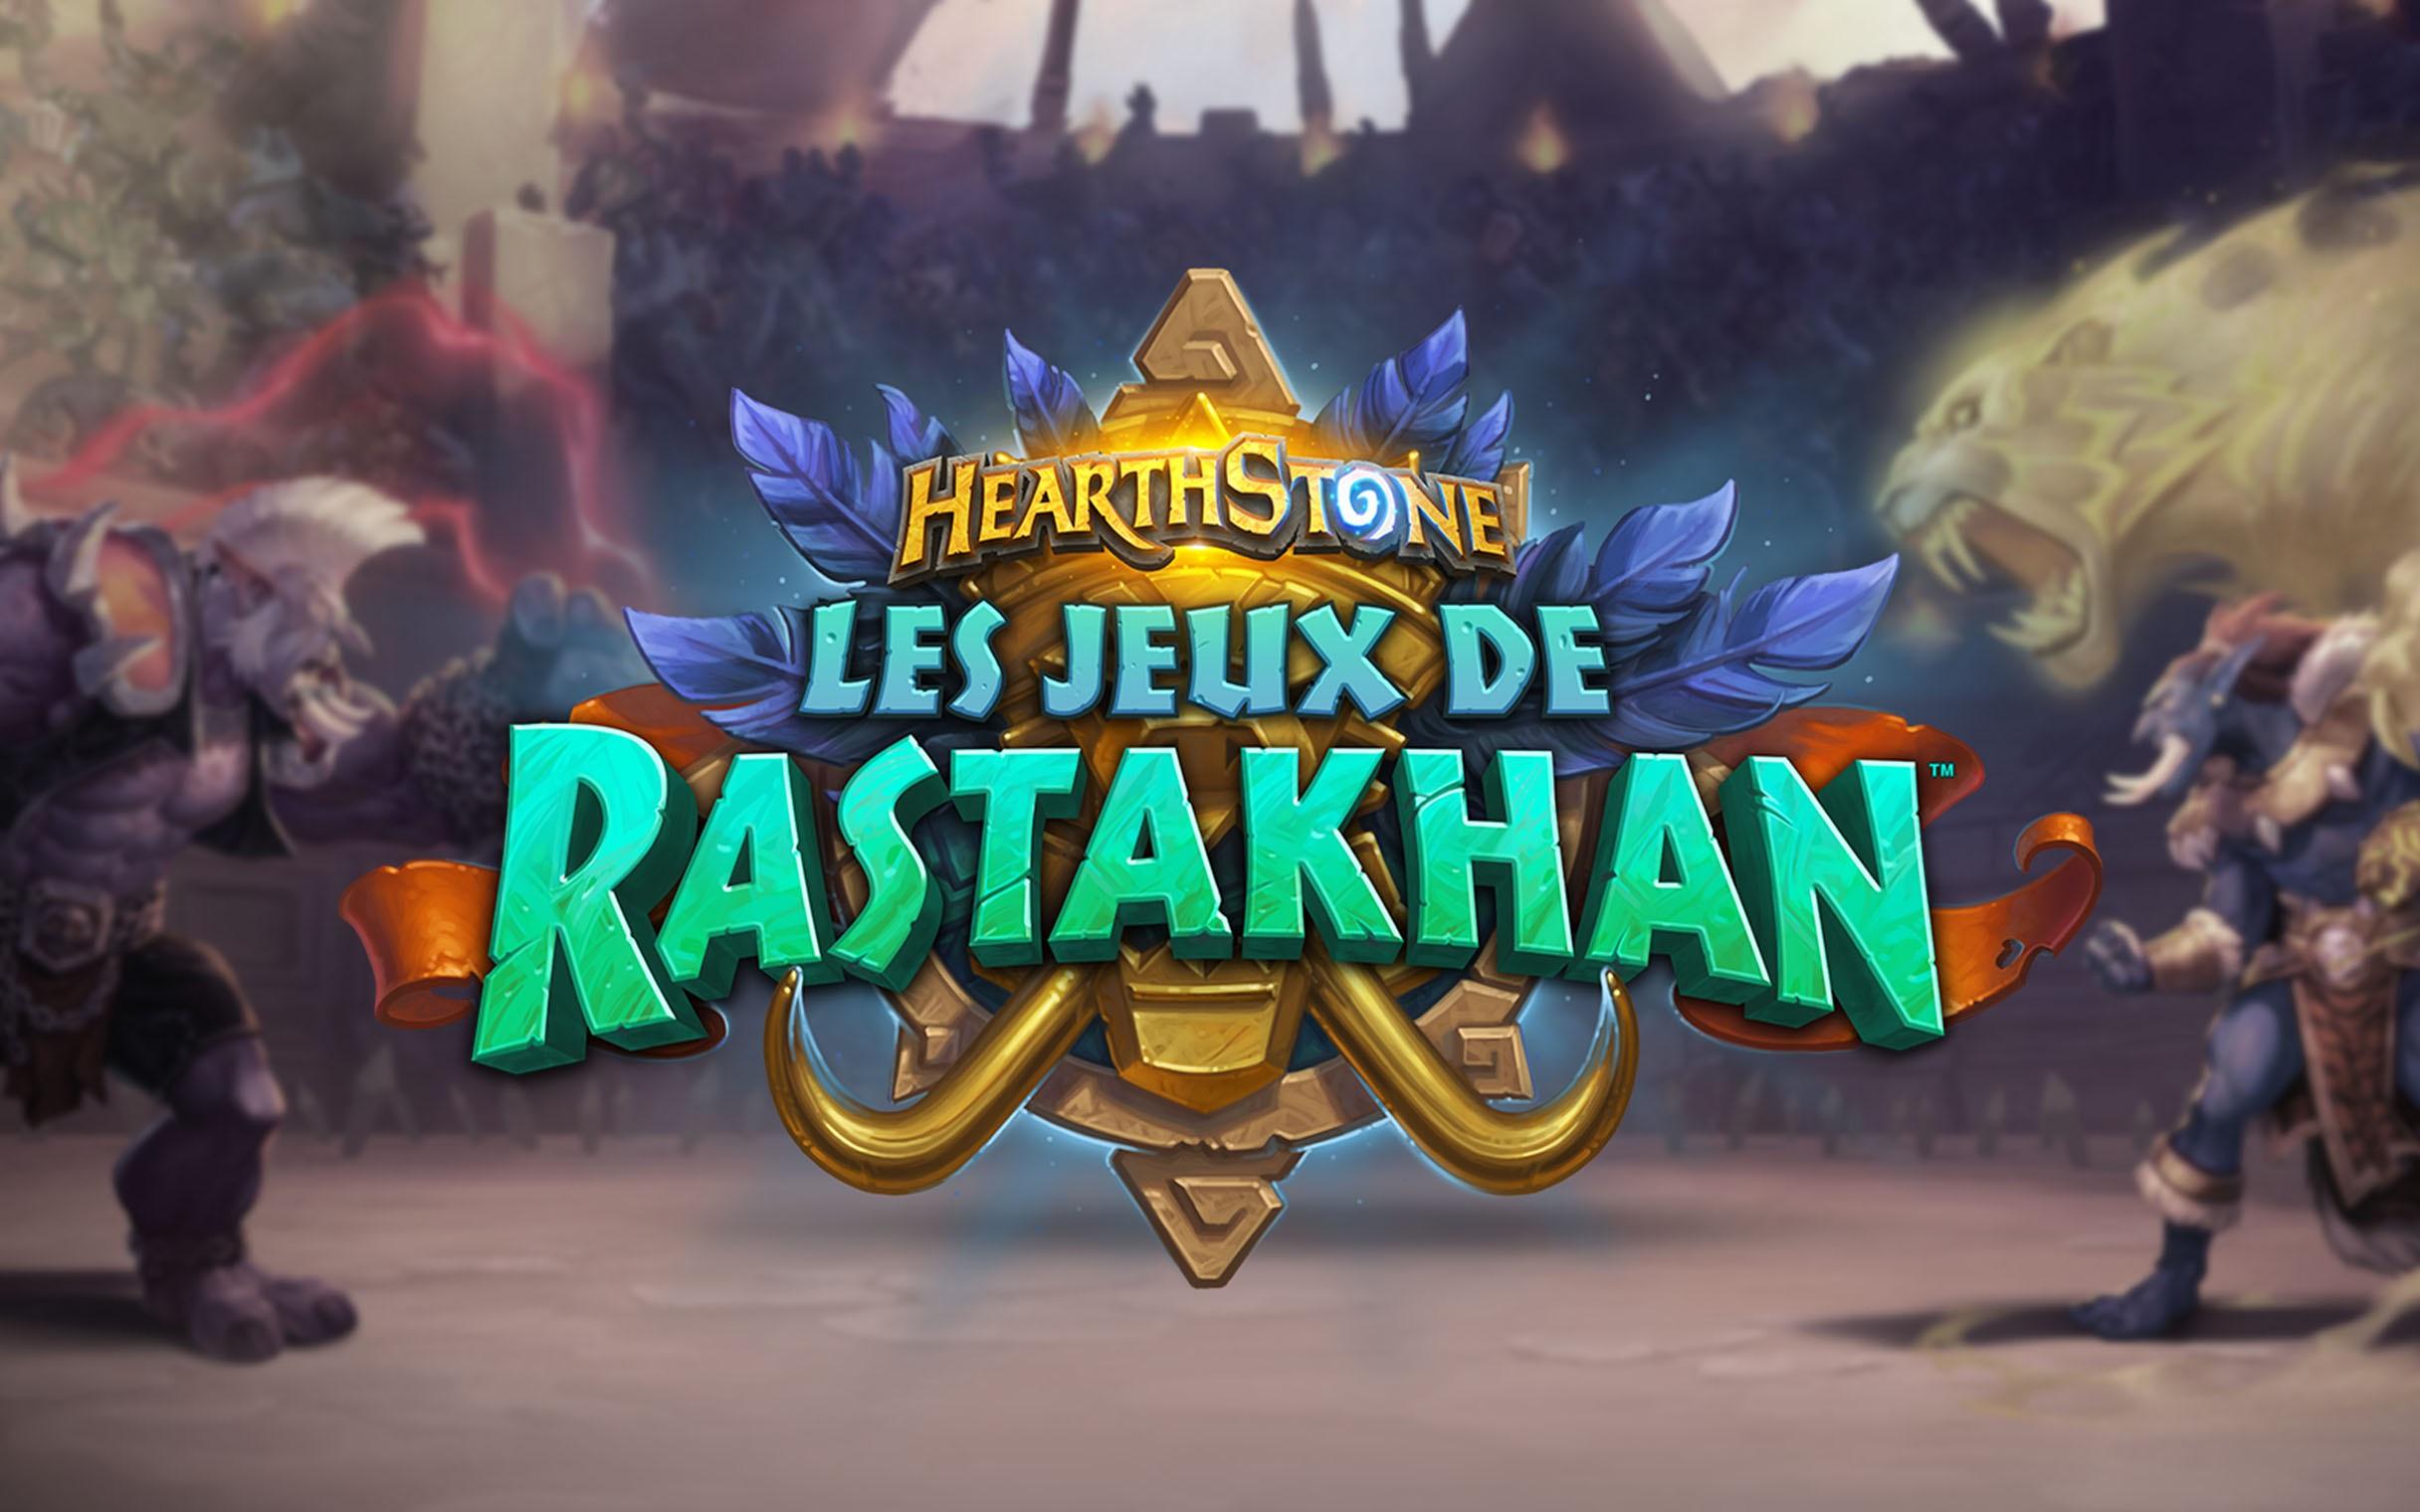 Hearthstone : Les Jeux De Rastakhan Disponible, Tout Savoir concernant Jeux De Tortue Gratuit